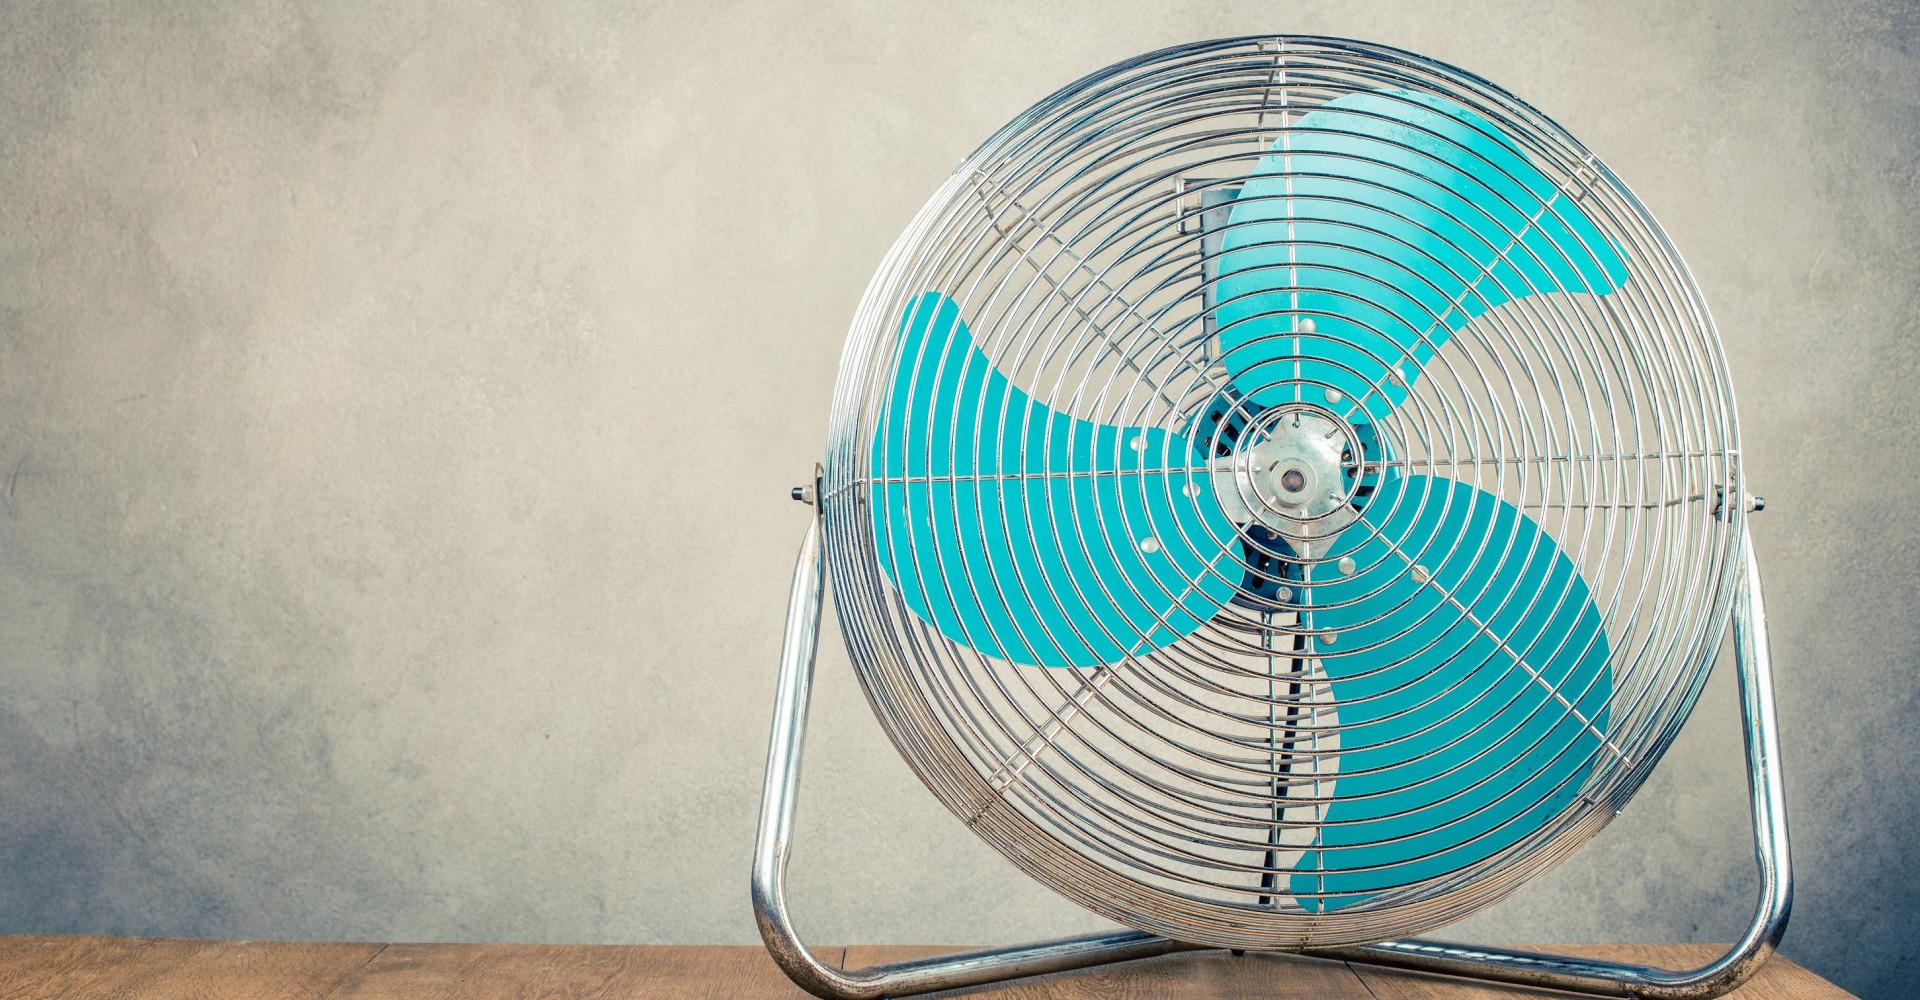 Kun je beter slapen met een ventilator in je slaapkamer?